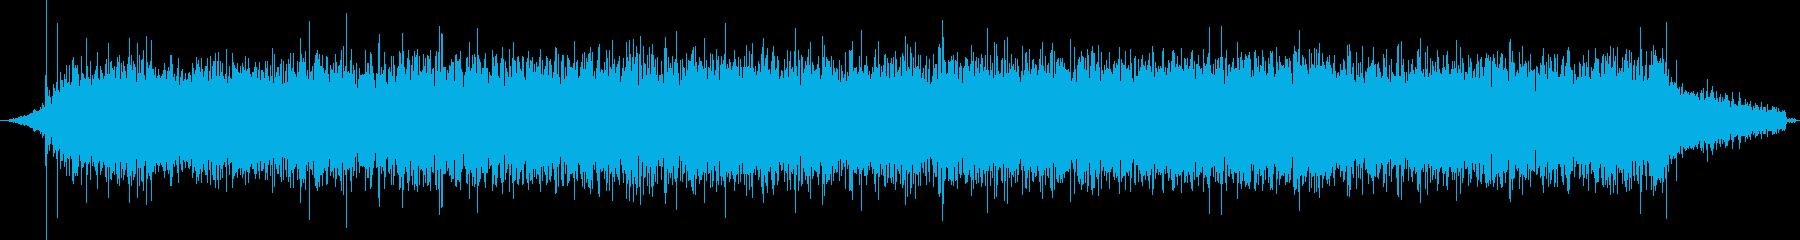 プロパントーチ:開始、最大で実行、...の再生済みの波形